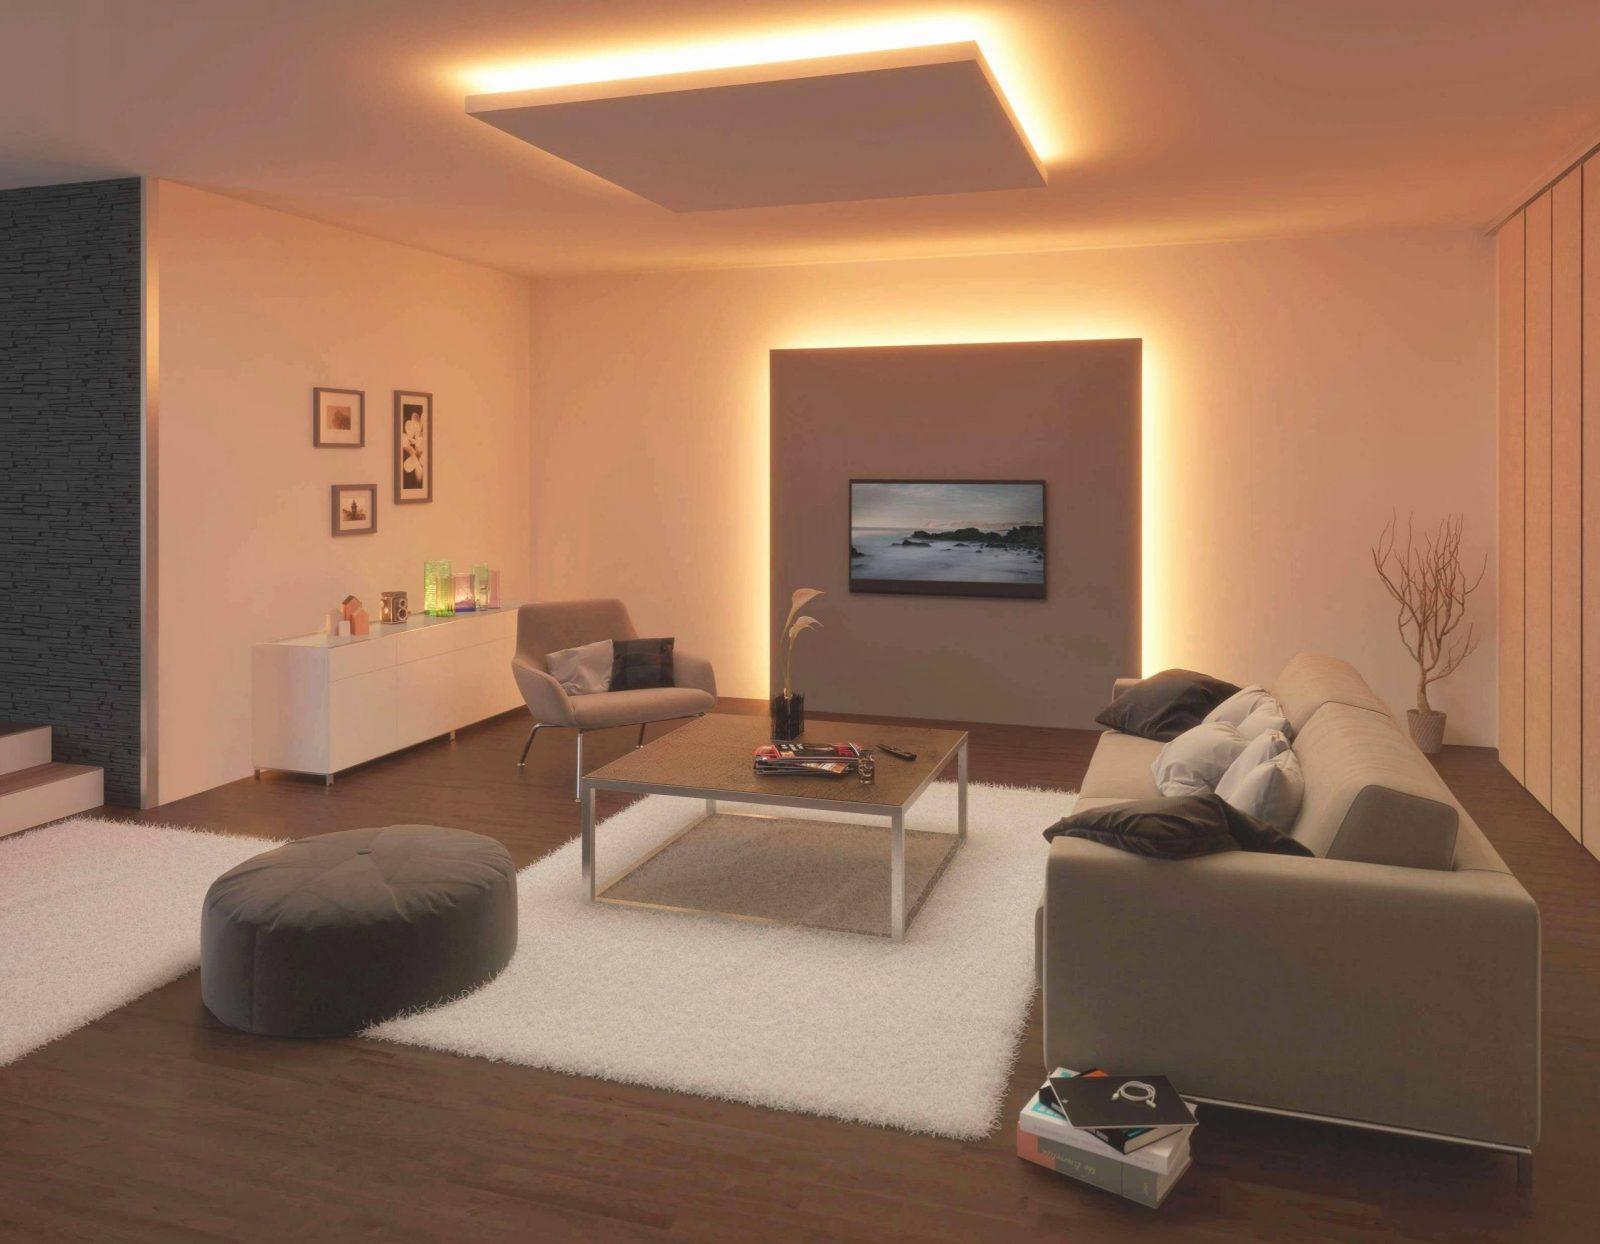 Schrankwand Selber Bauen Kollektionen Von Designs Leonardo Wohnwand von Wohnwand Selber Bauen Ideen Bild